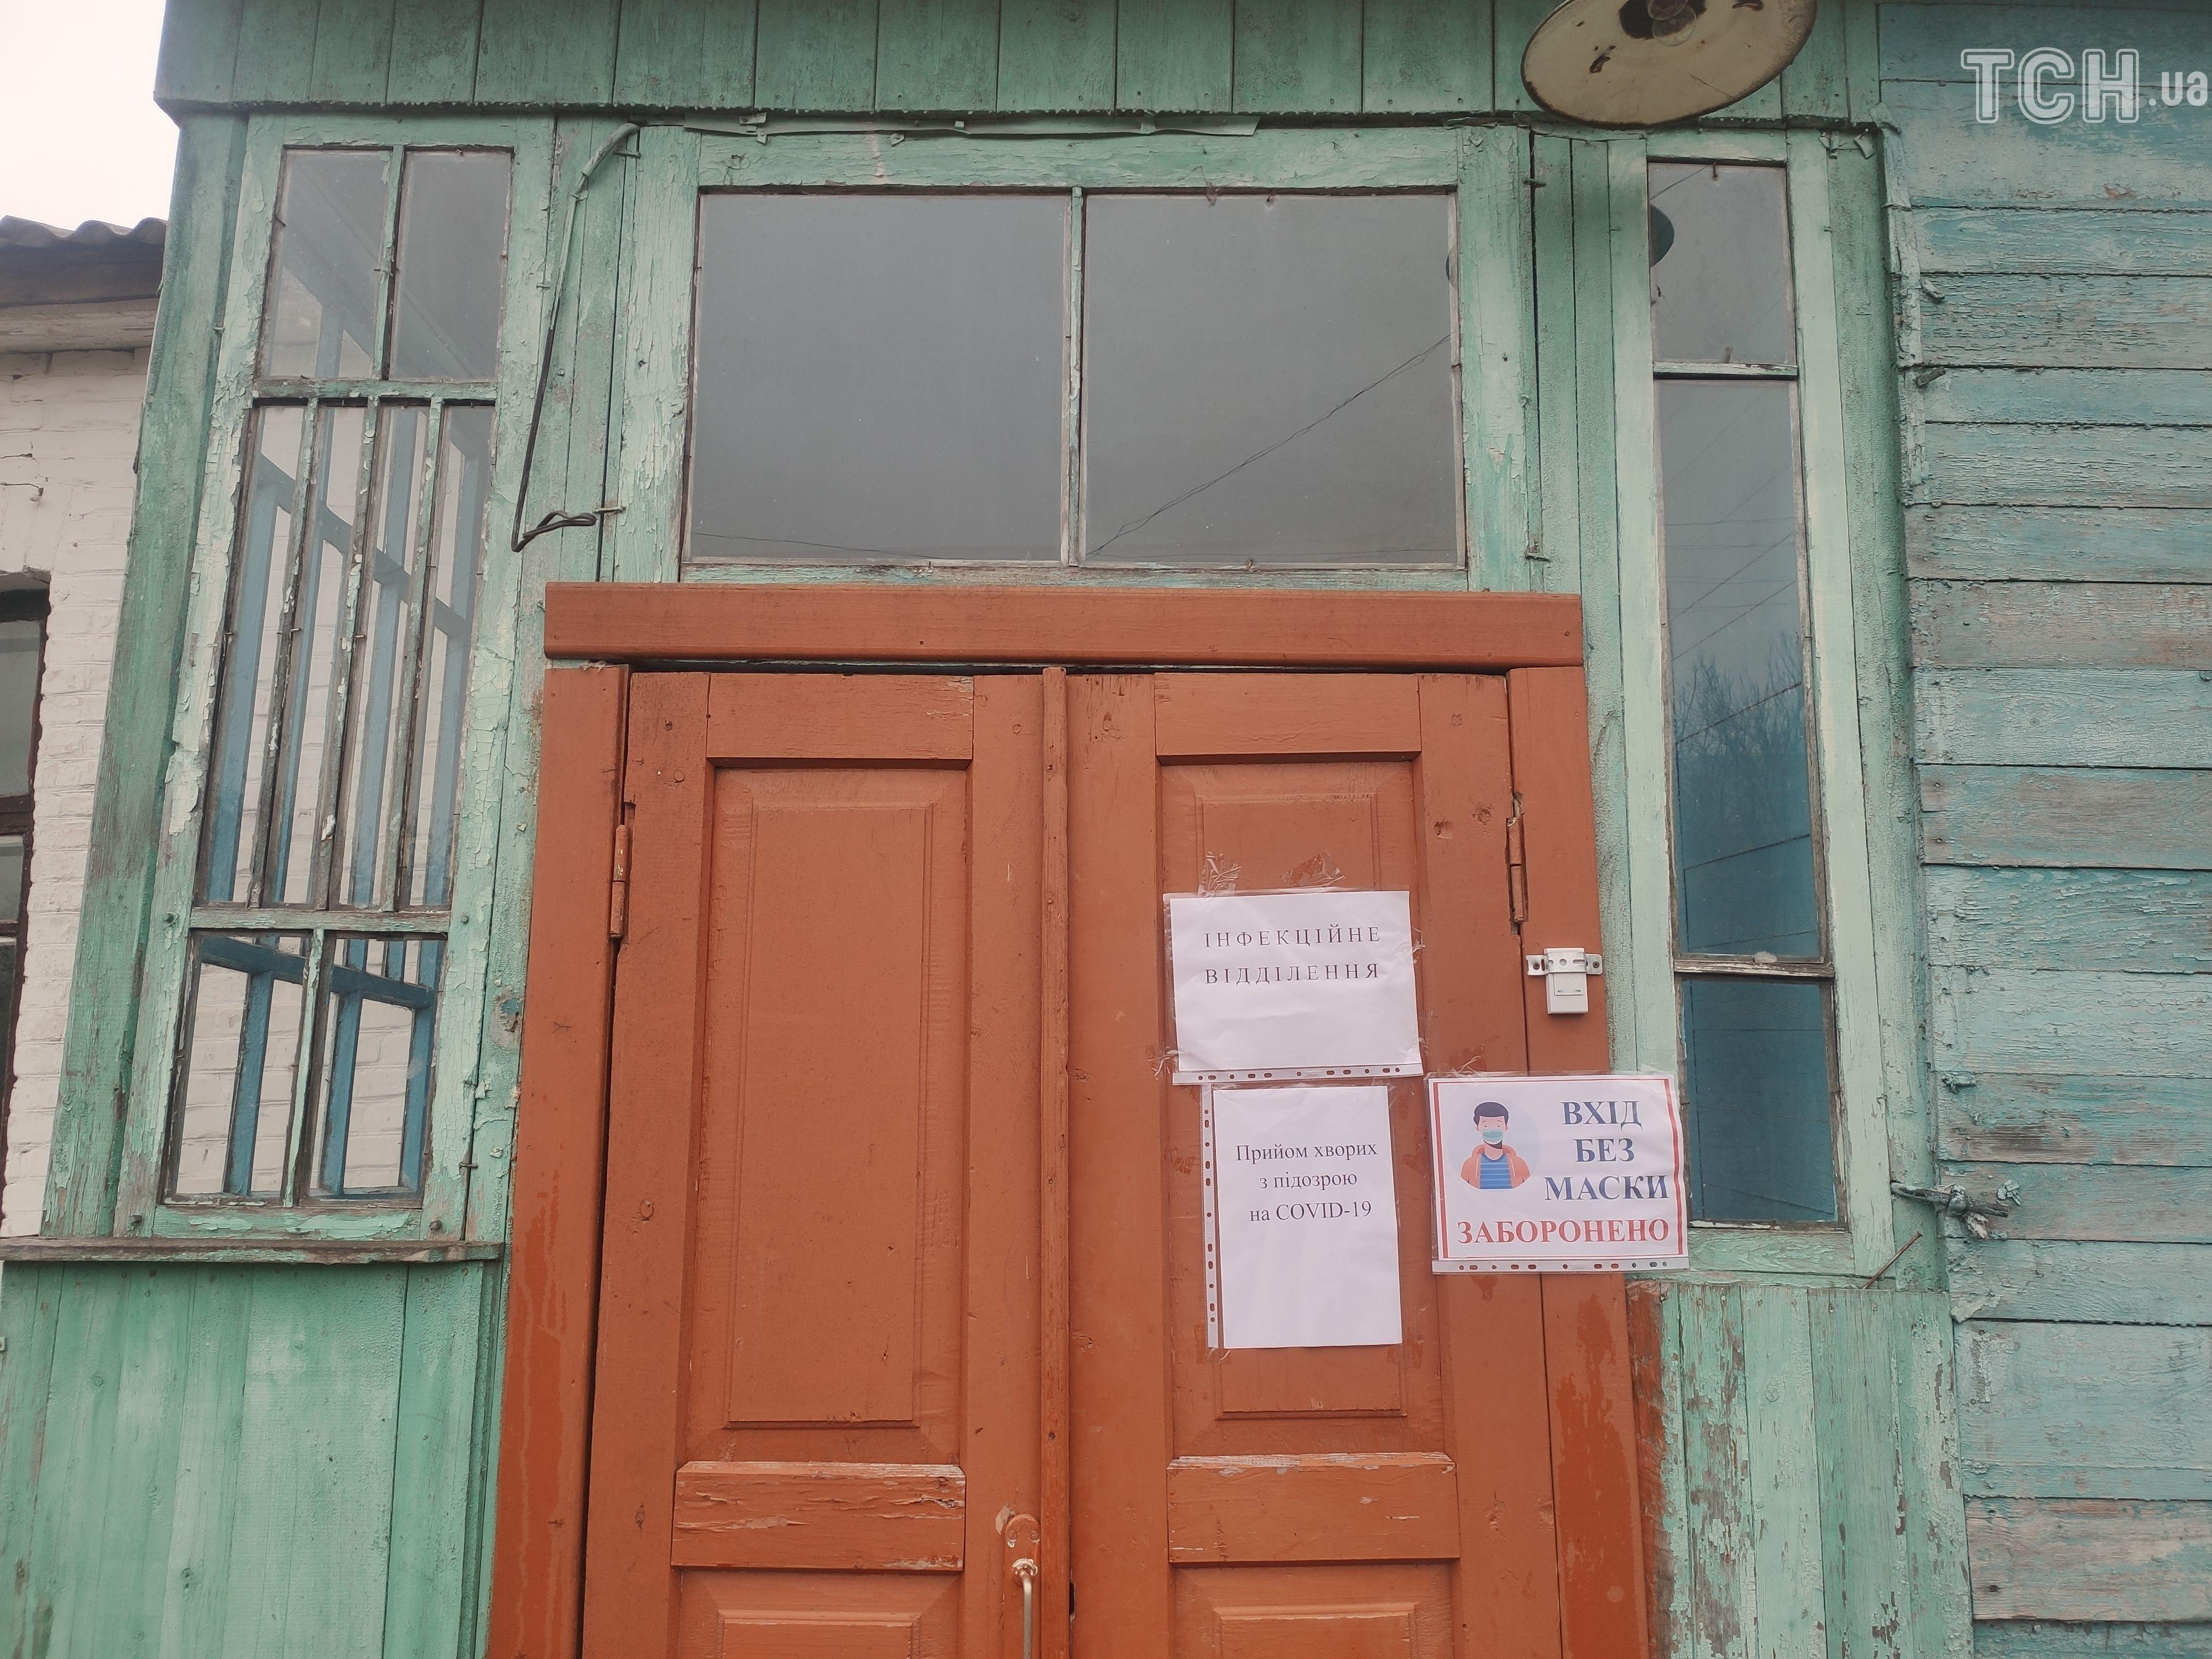 Бобровицька лікарня, репортаж Нагорної